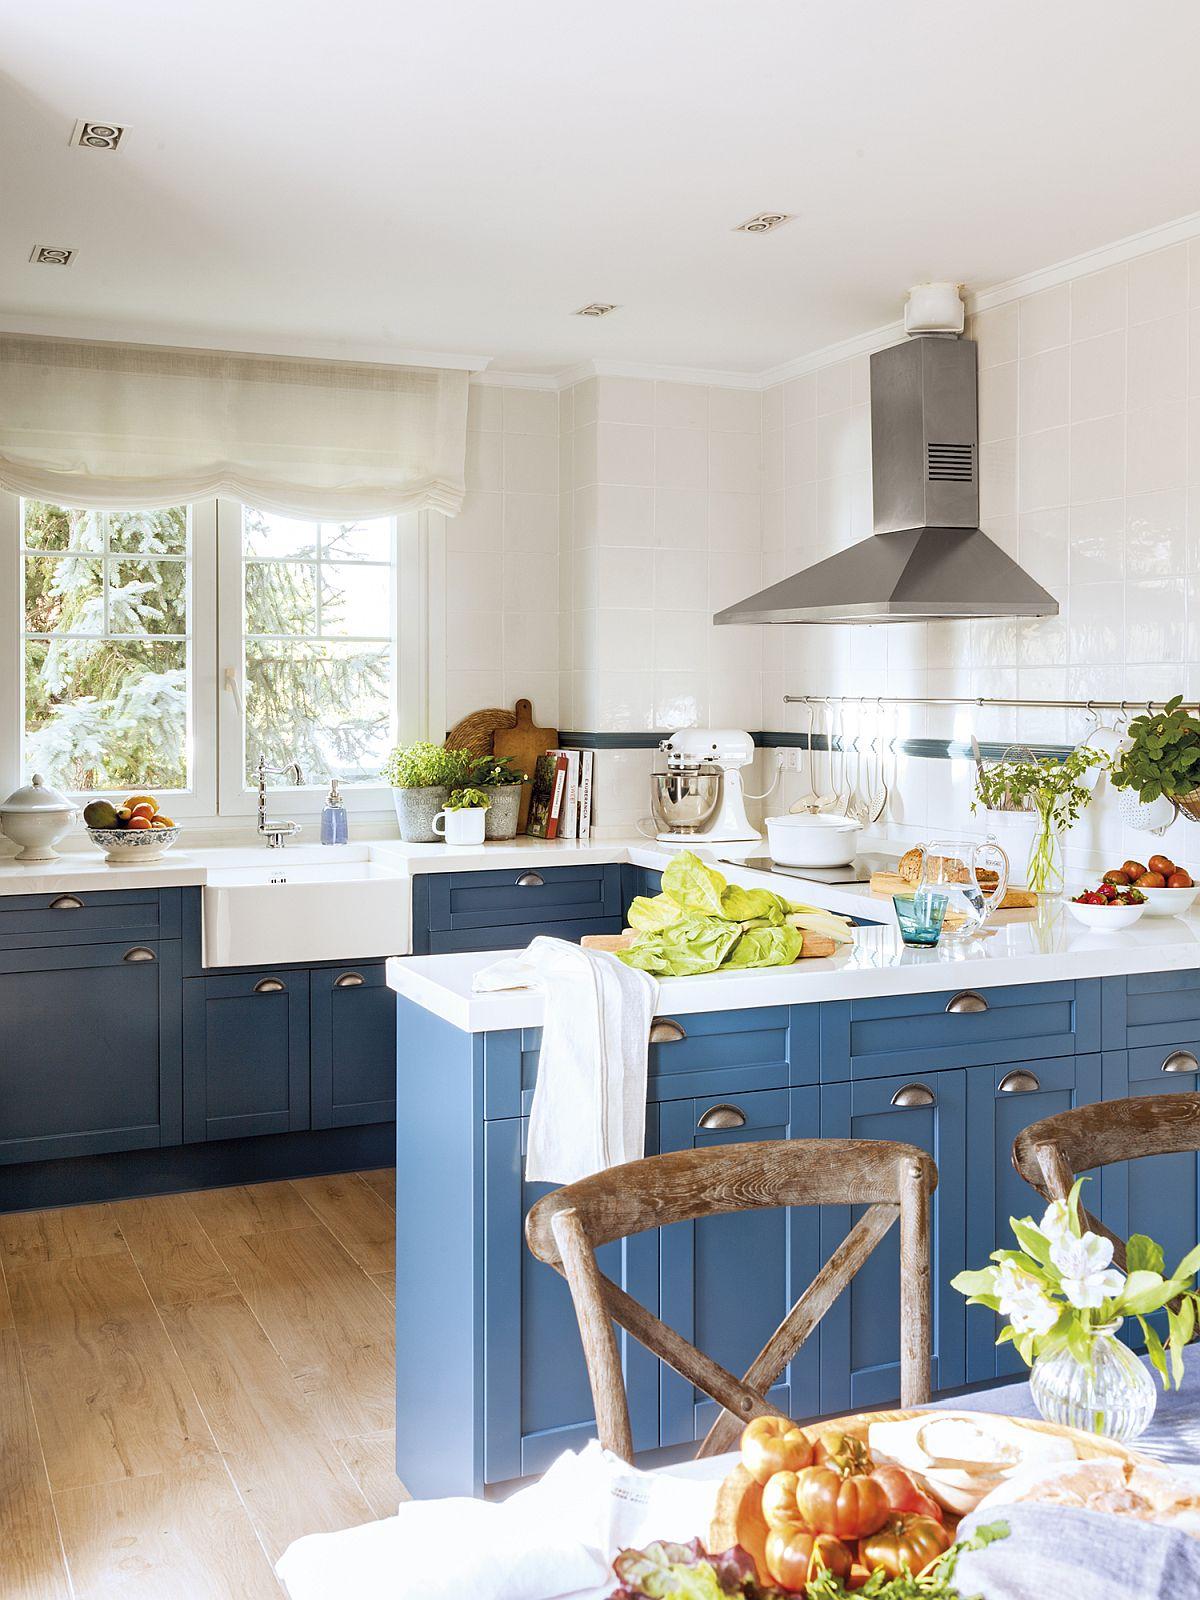 Bucătăria este excelent organizată în două zone: prima alocată gătitului, a doua destinată locului de luat masa. În zona de gătit, designerul a prevăzut o amplasare în U a mobilierului pentru a mări suprafața blatului, dar și pentru a fi prezente mai multe spații de depozitare. Proprietara este fotograf culinar și a visat la o bucătărie albastră cu blat alb, care dă foarte bine în imagini, un contrast excelent cu diversele preparate.